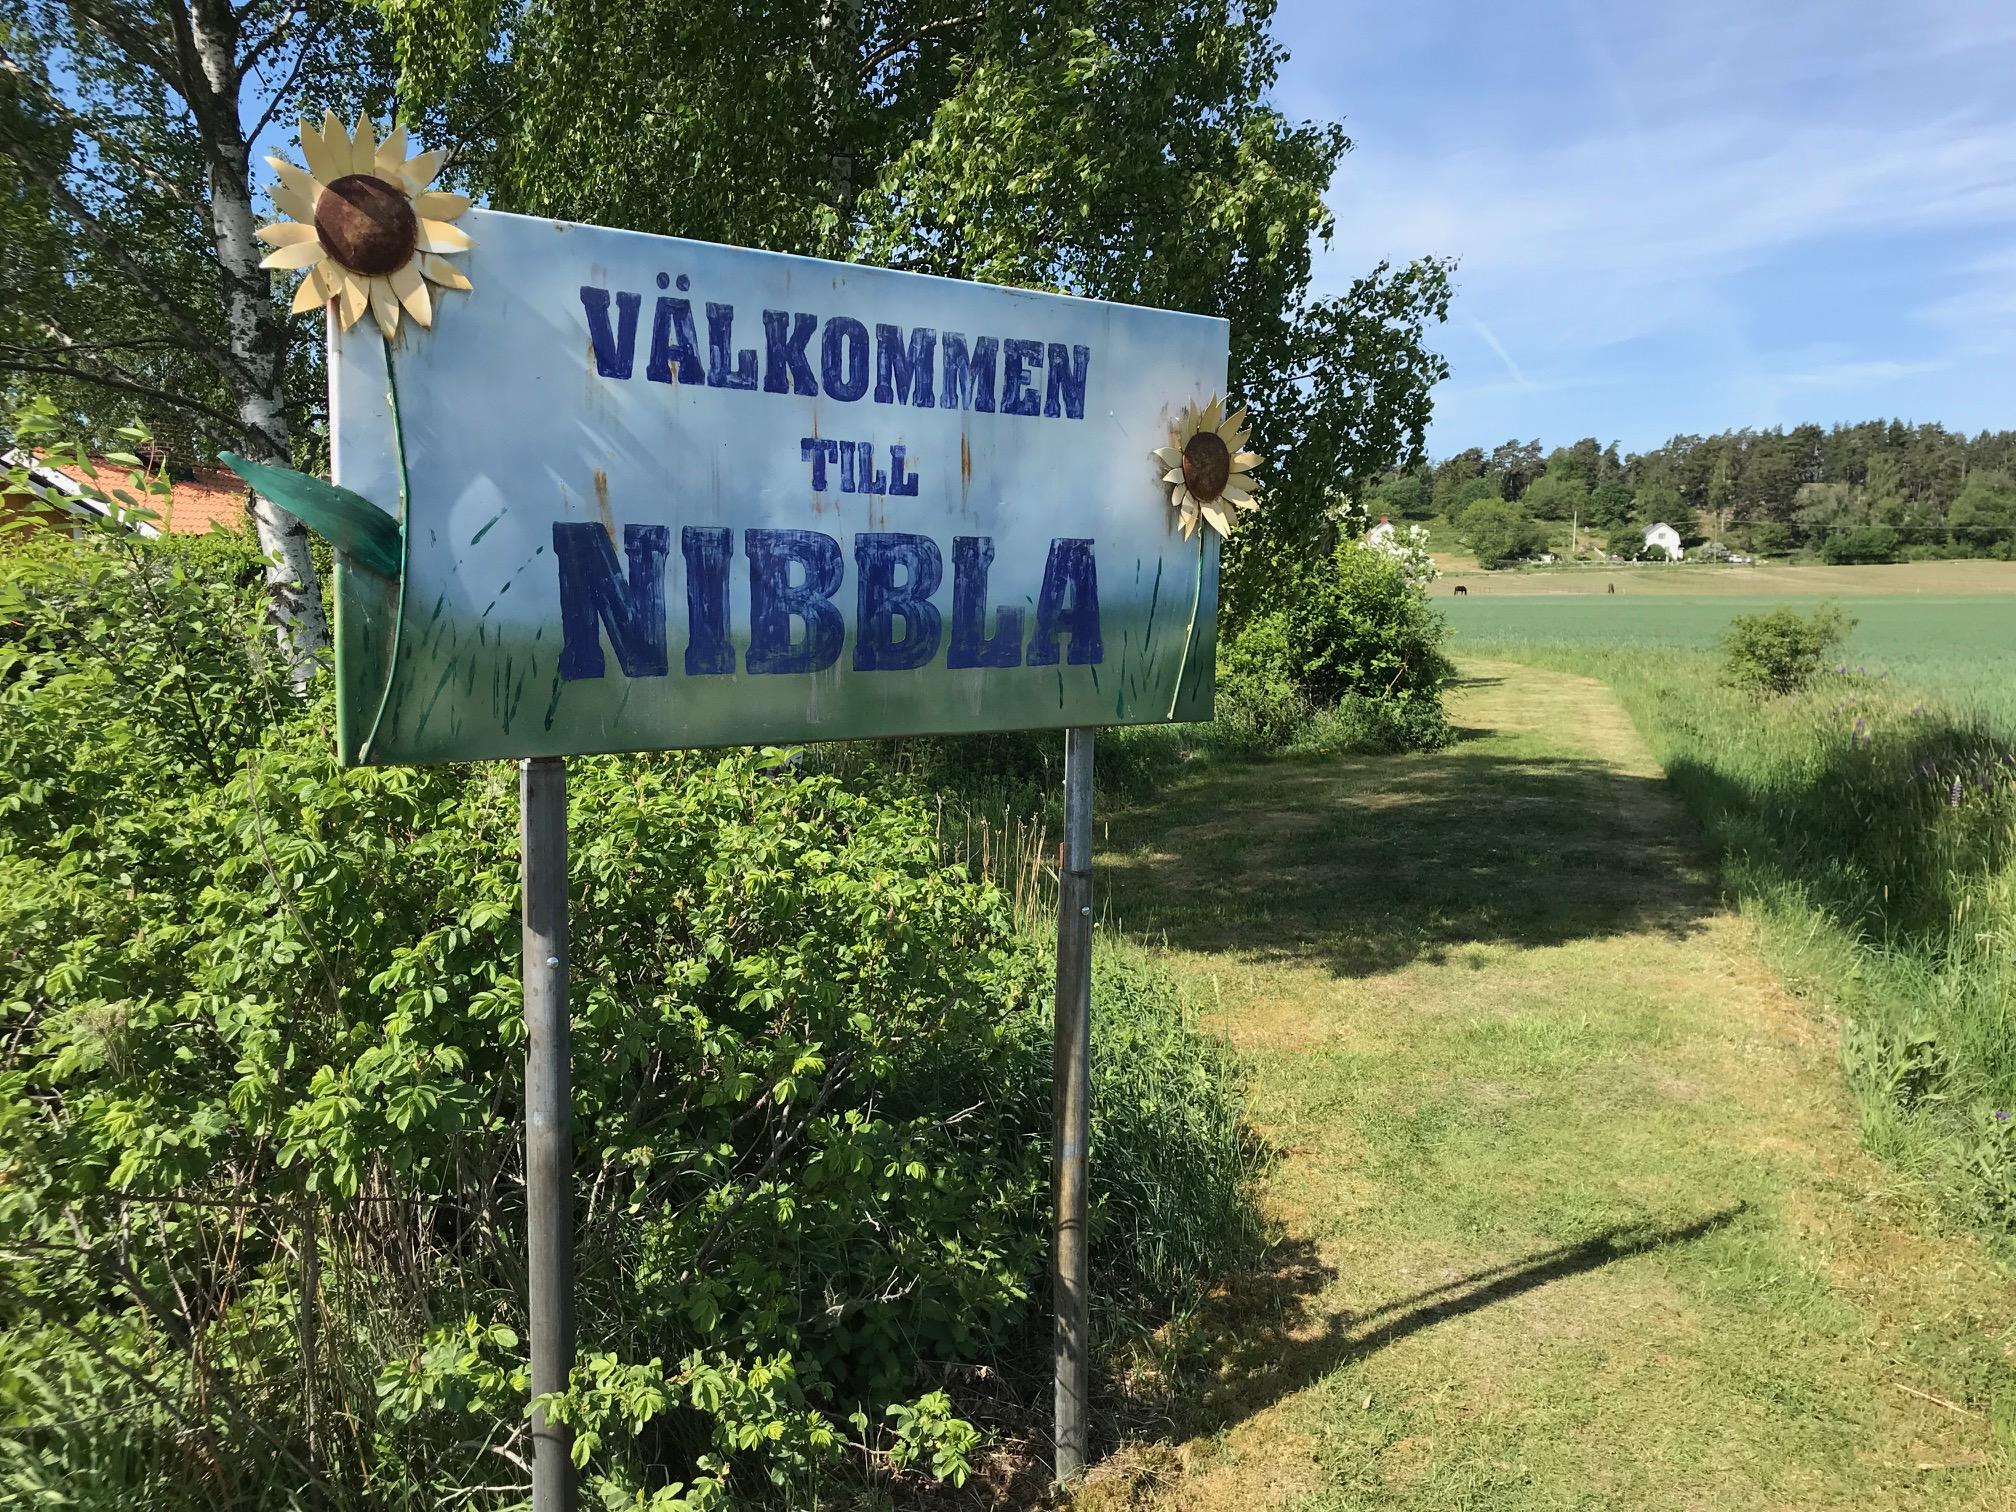 Välkommen till Nibbla breddare.jpg